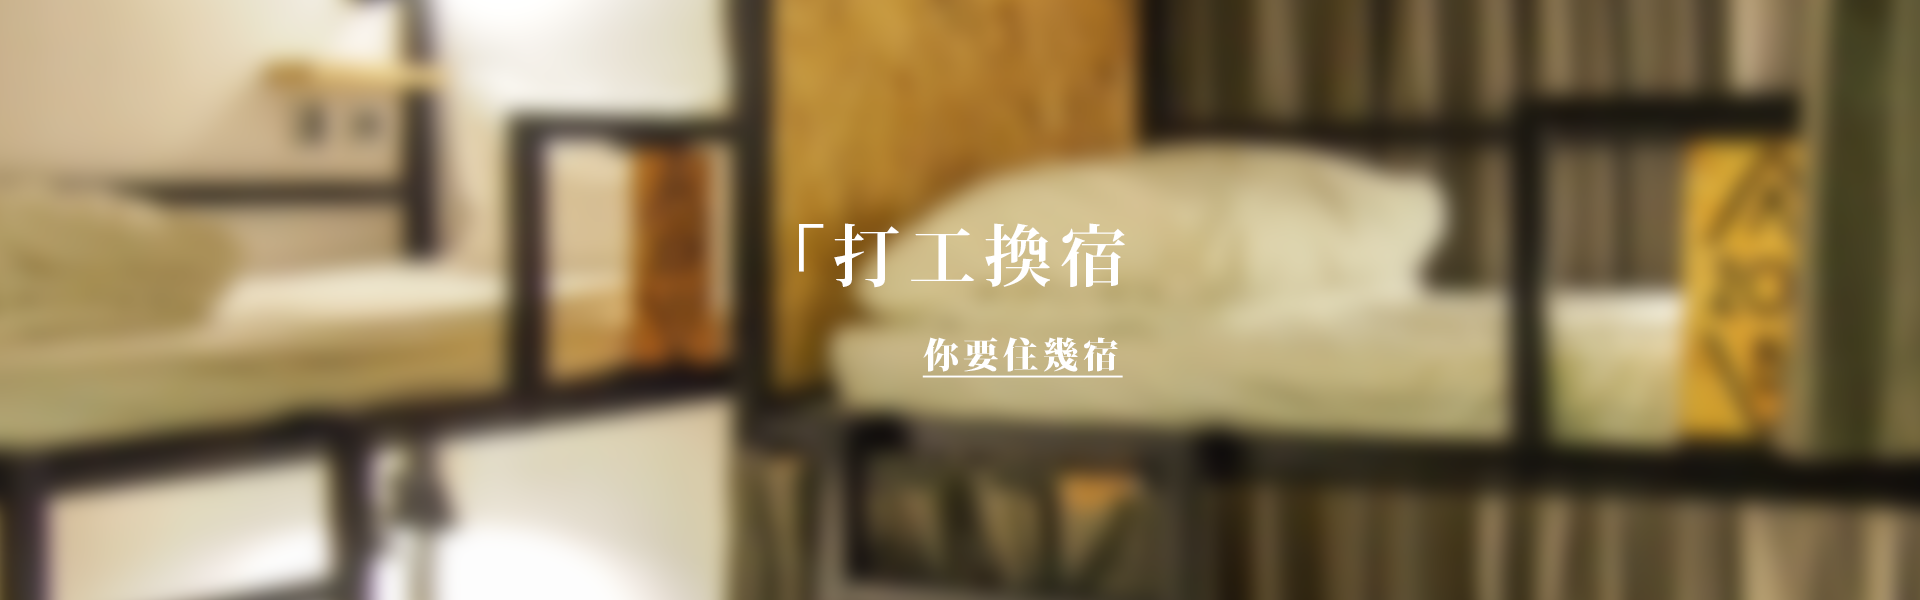 臺灣打工換宿住多久 - 有多少自由,就可以住多久